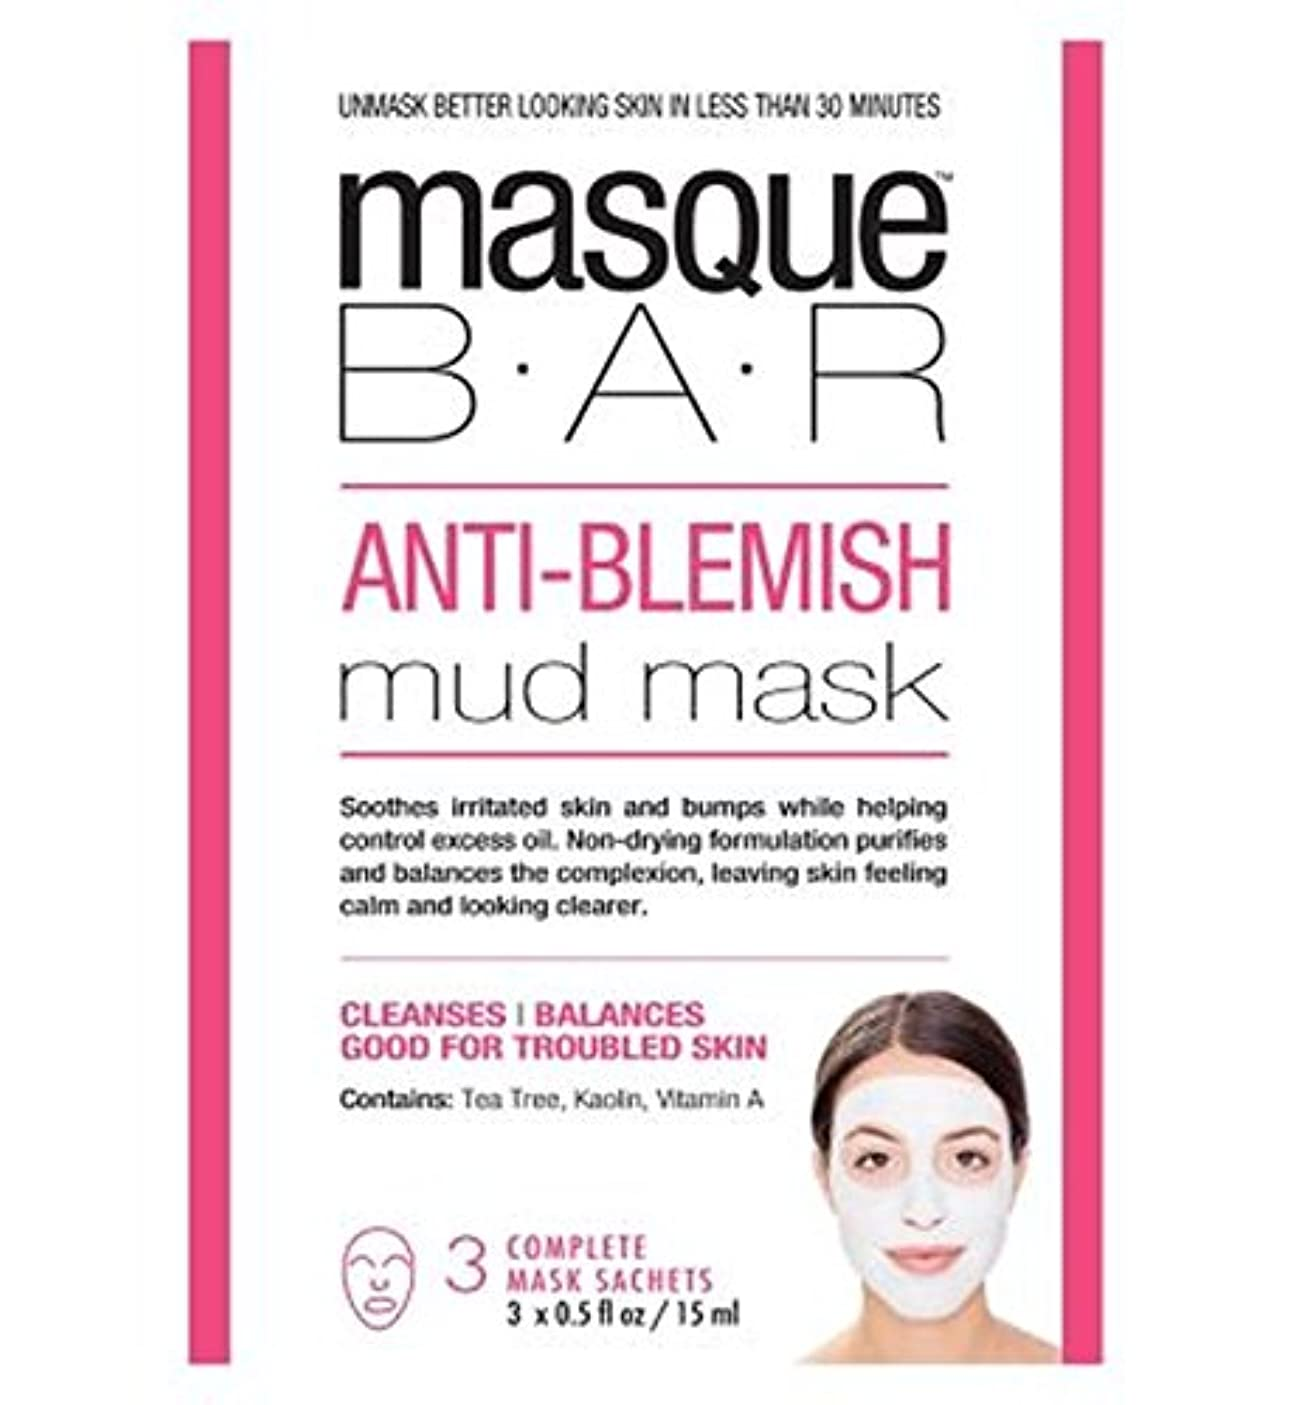 影響力のあるロータリー同様の仮面劇バー抗傷泥マスク - 3S (P6B Masque Bar Bt) (x2) - Masque Bar Anti-Blemish Mud Mask - 3s (Pack of 2) [並行輸入品]